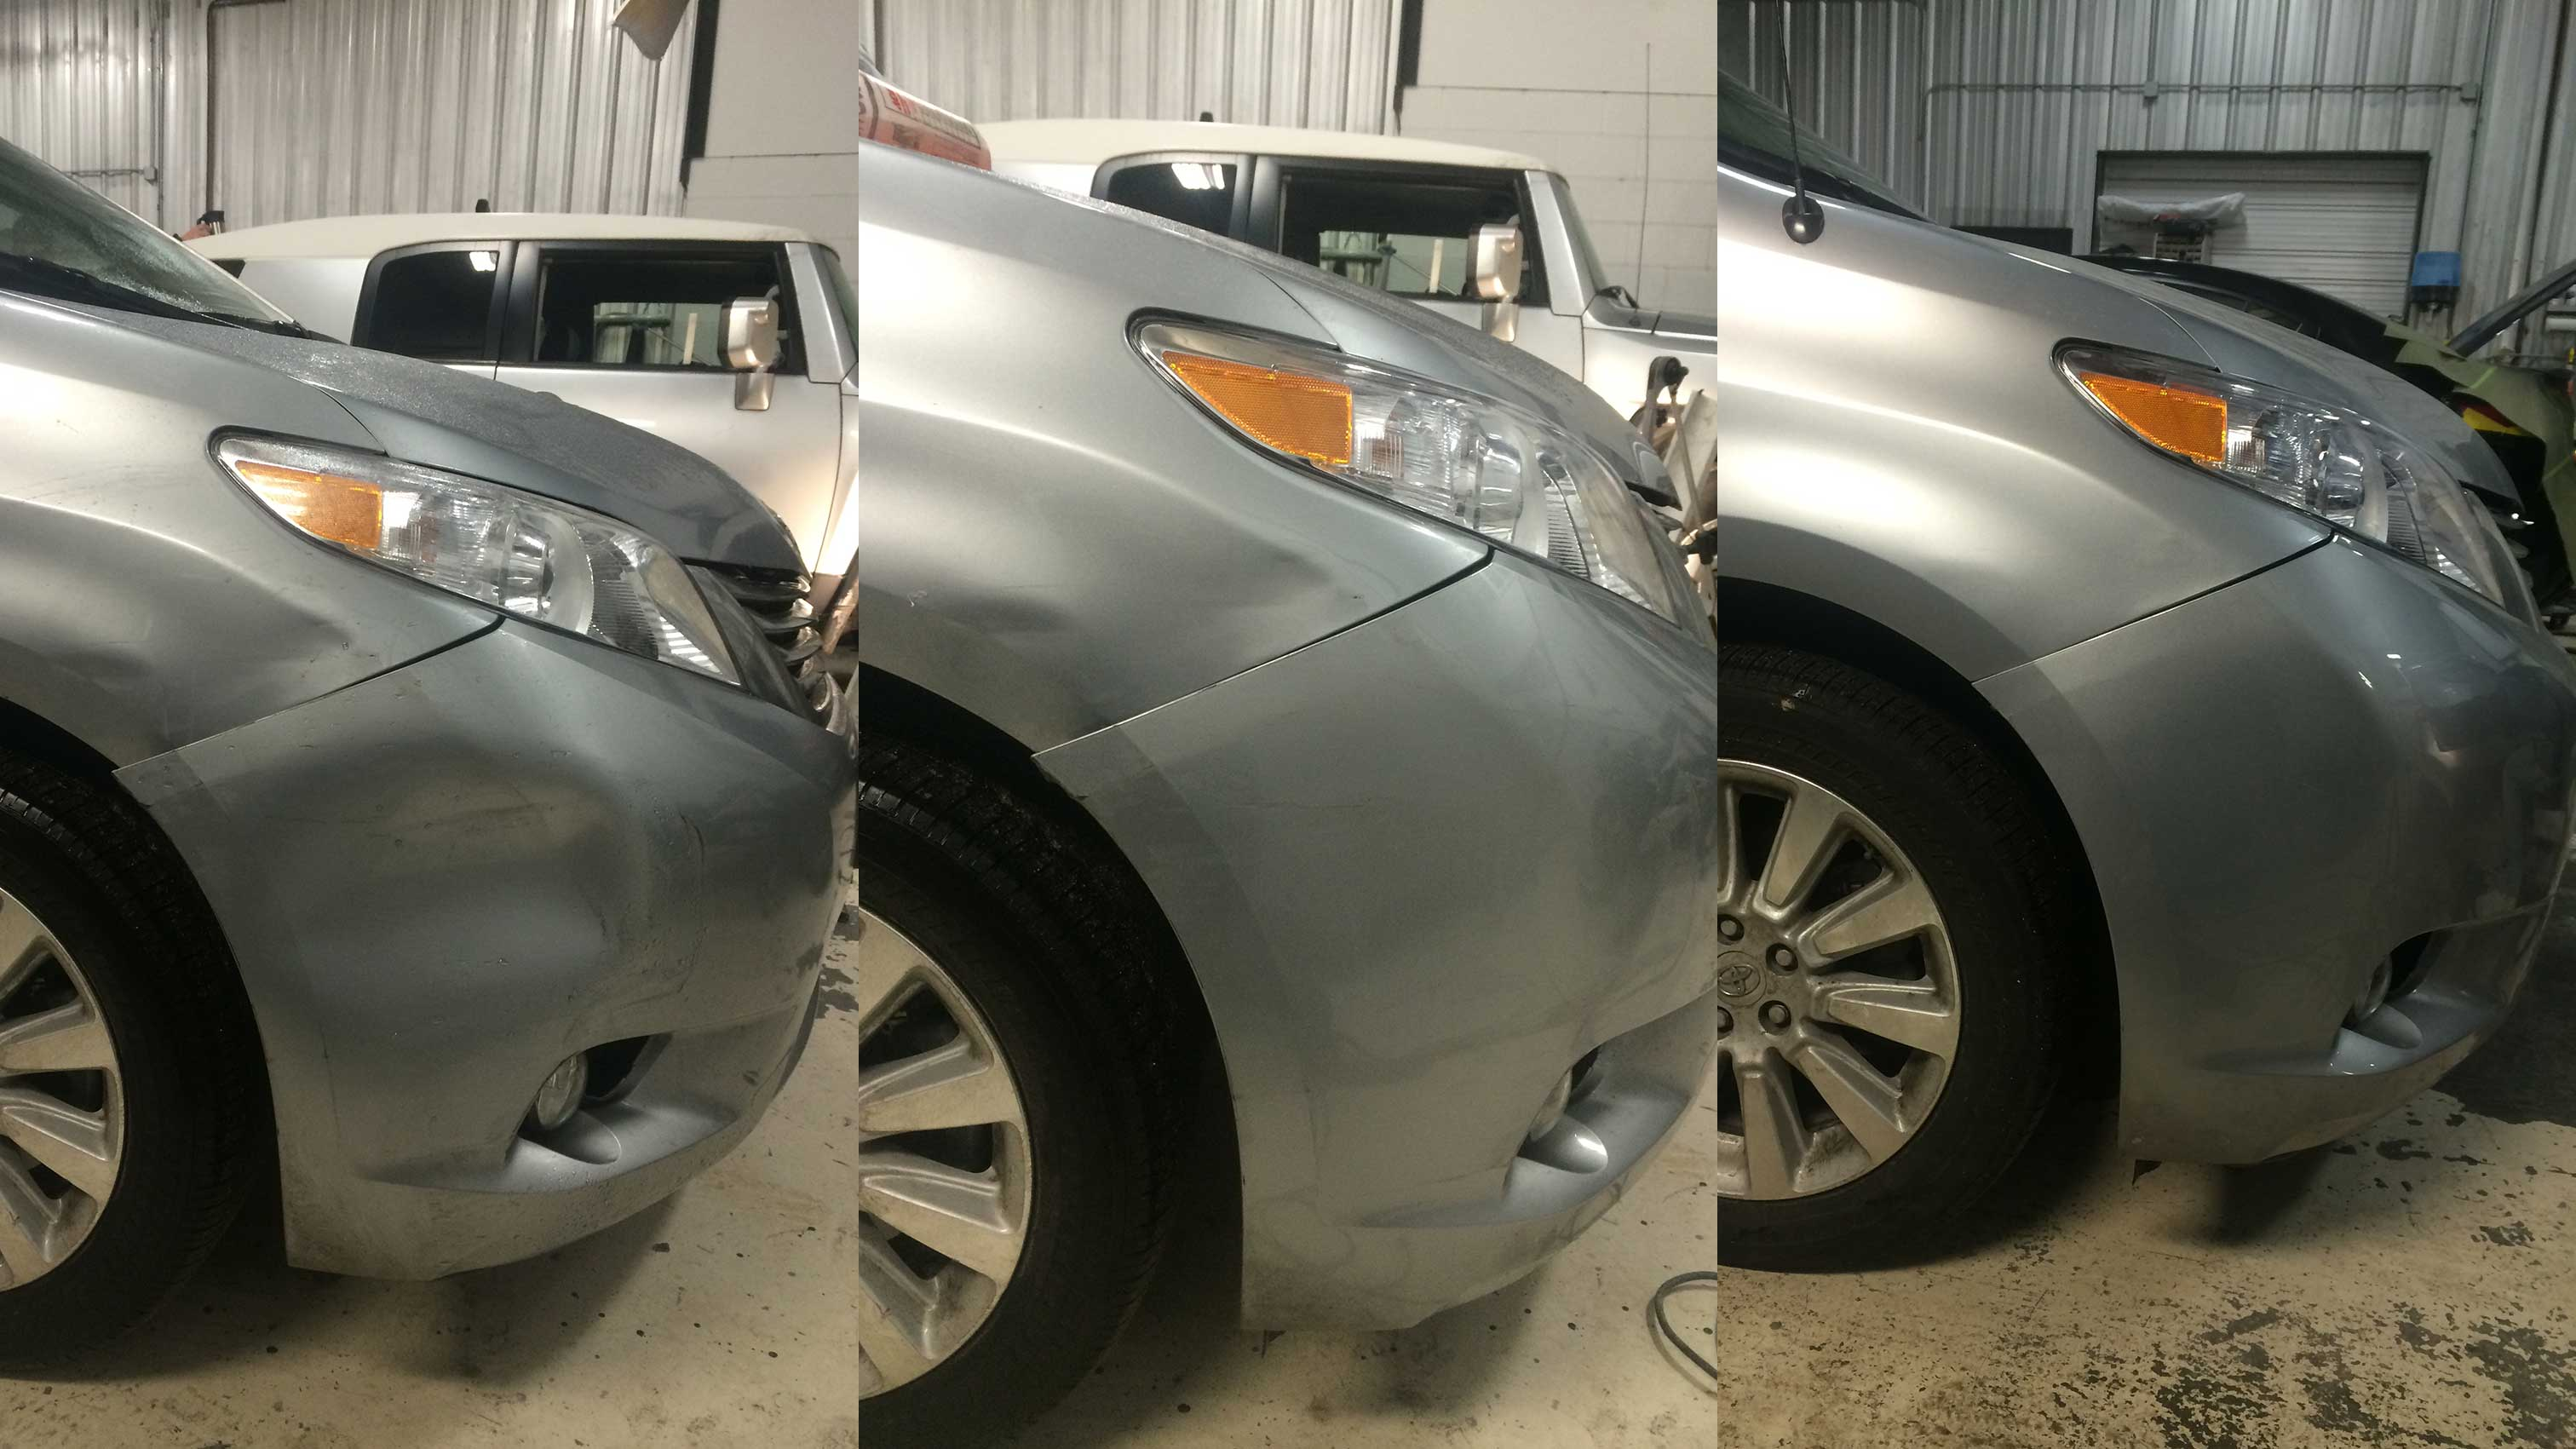 ضربه خوردگی و تعمیر سپر خودرو